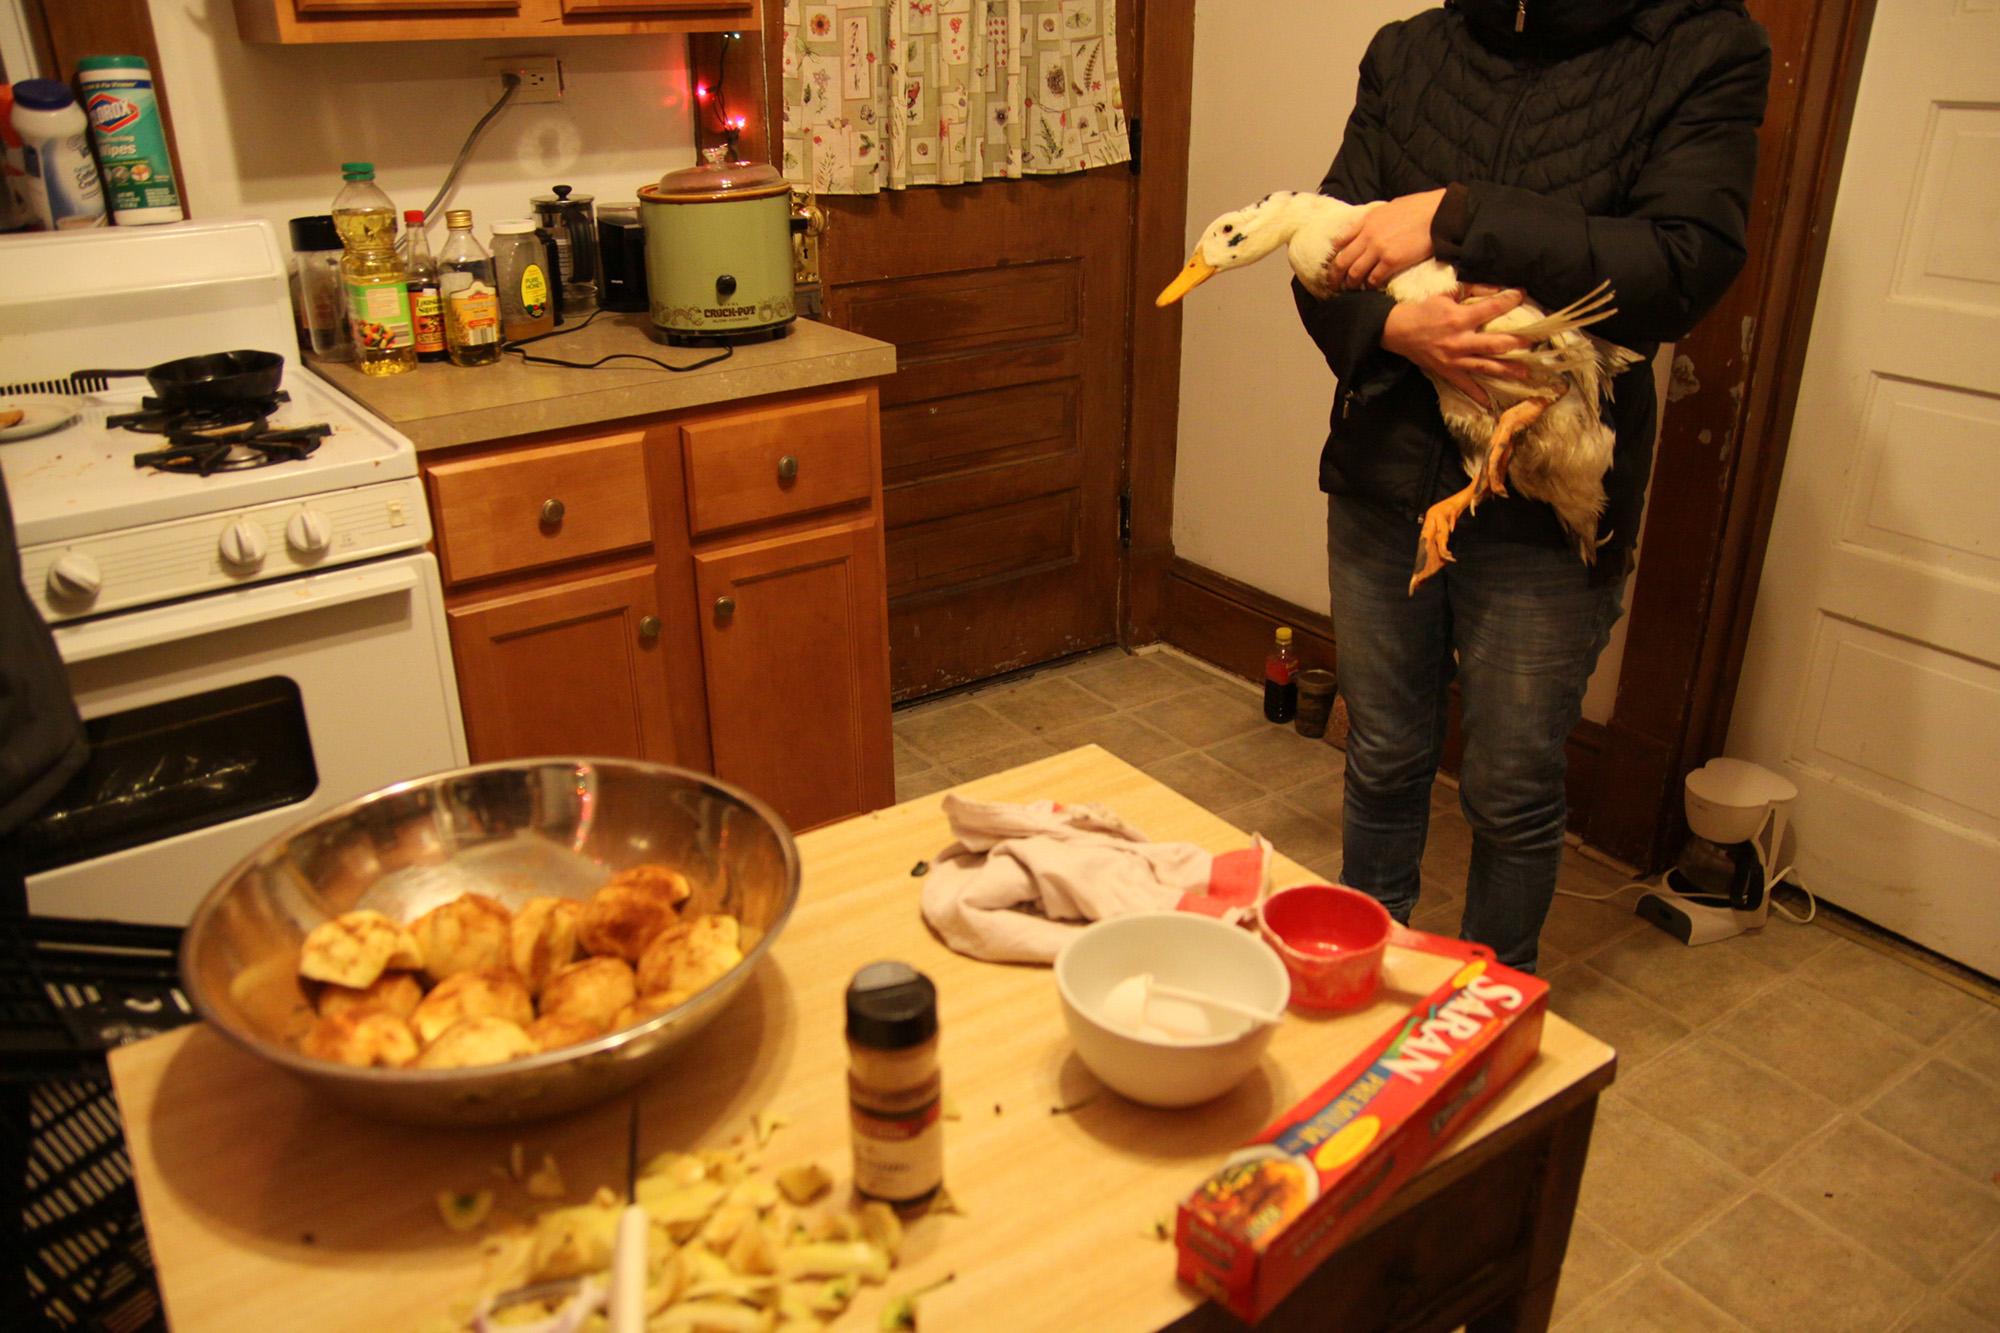 Duck in the kitchen